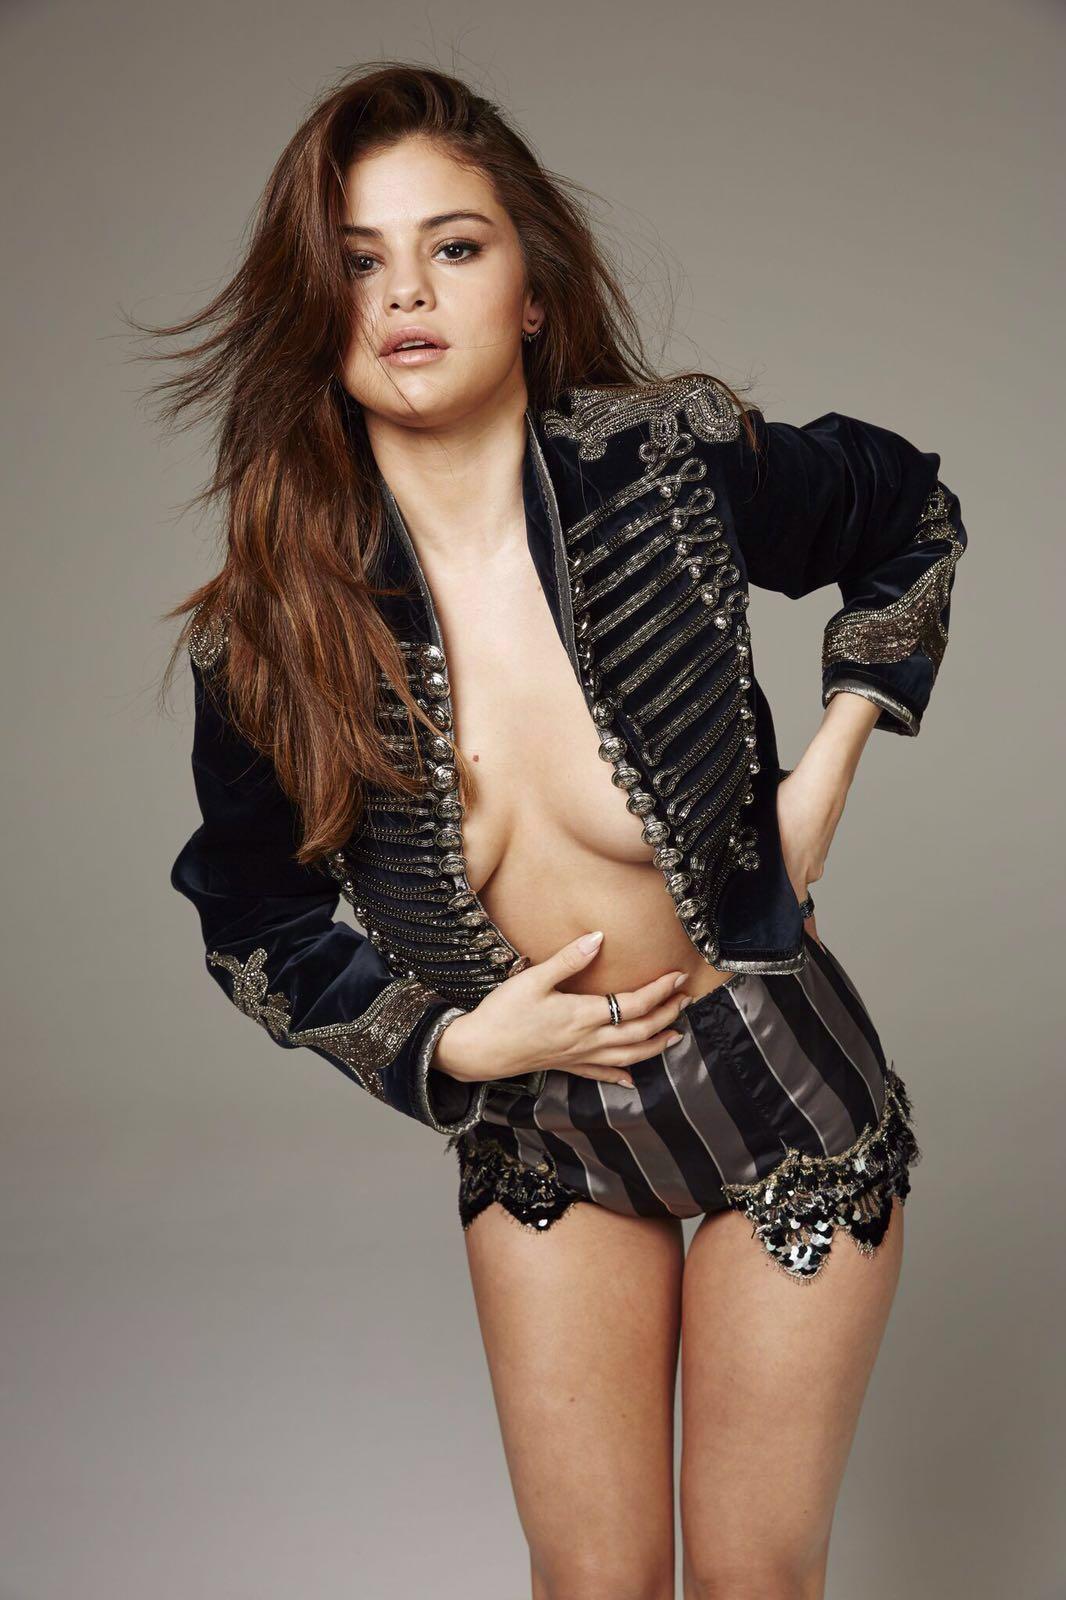 image Selena gomez instyle magazine photoshoot june 2013